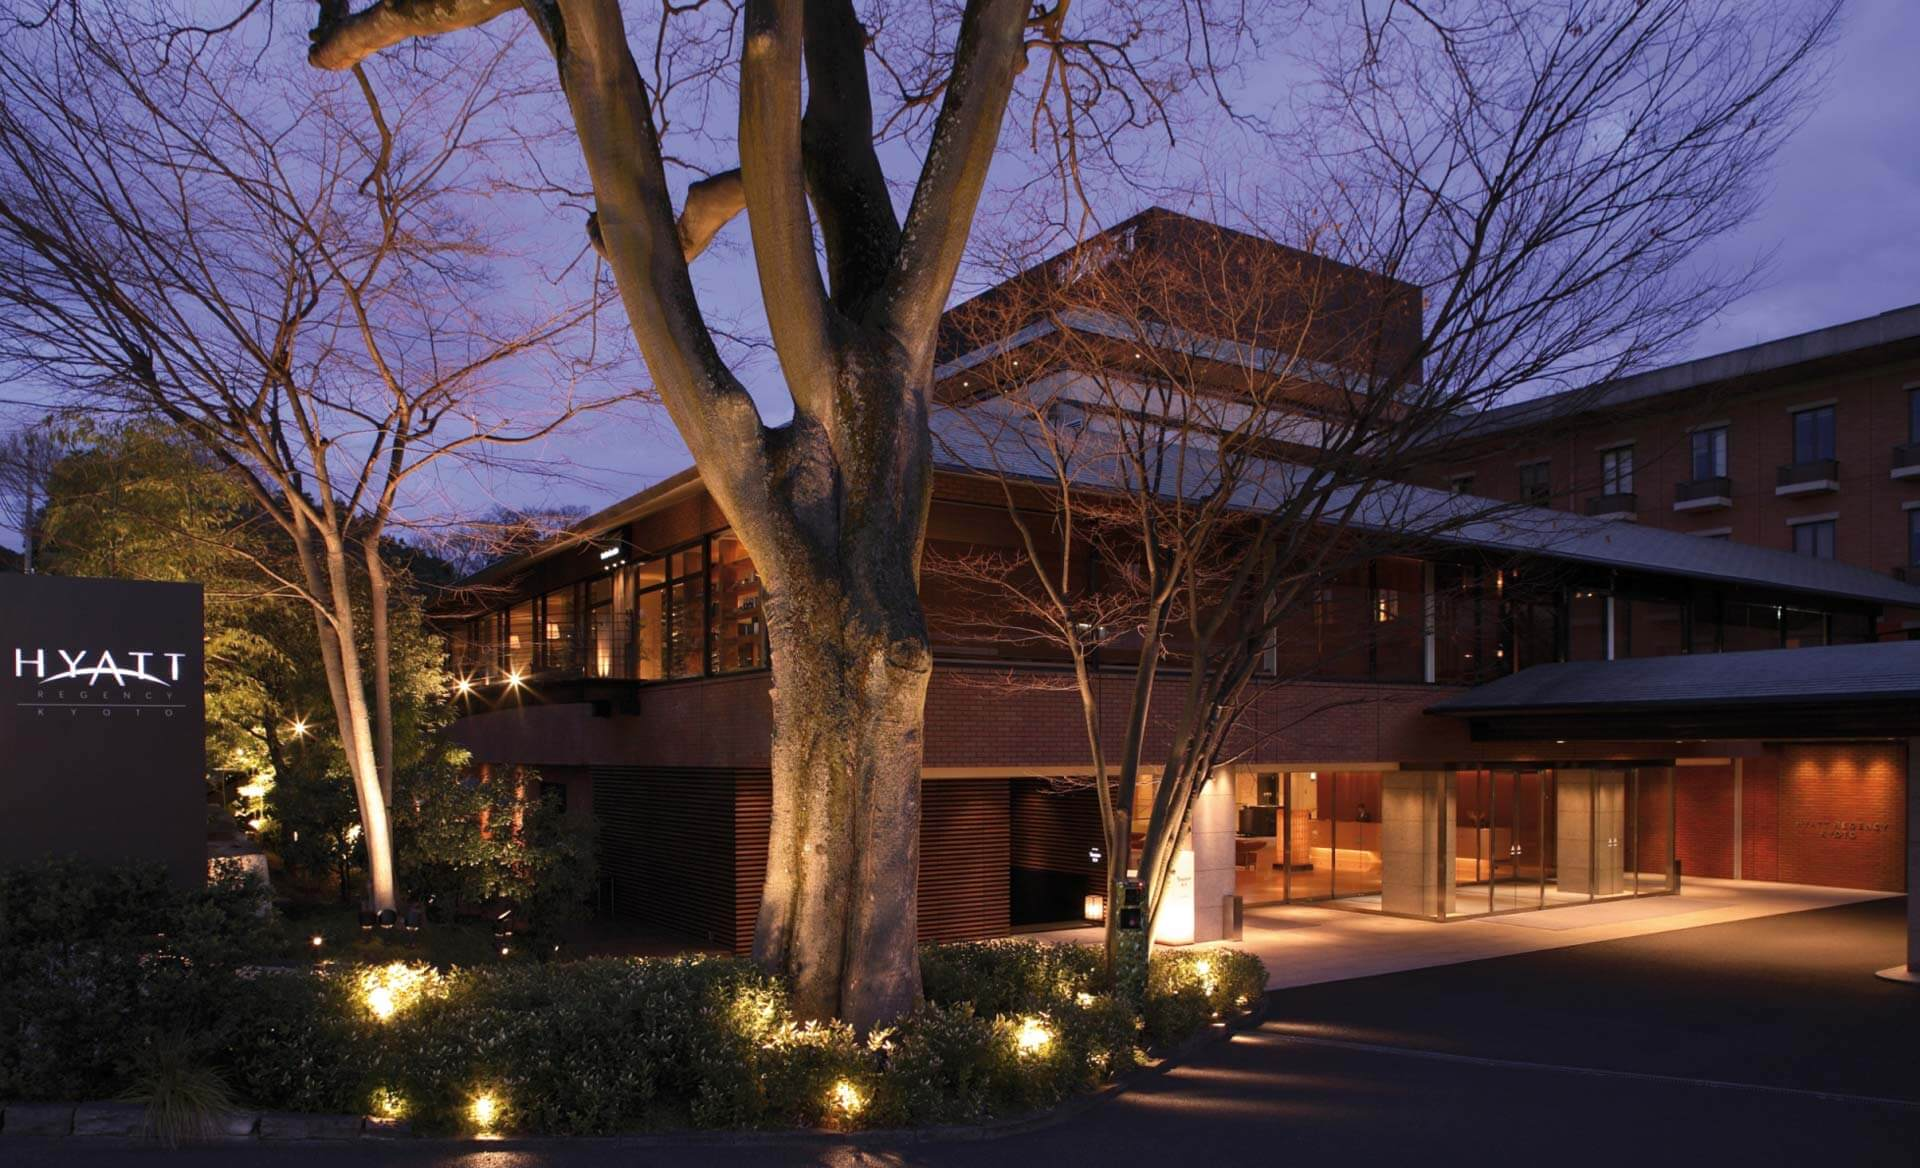 Hyatt Regency Kyoto Hotelansicht